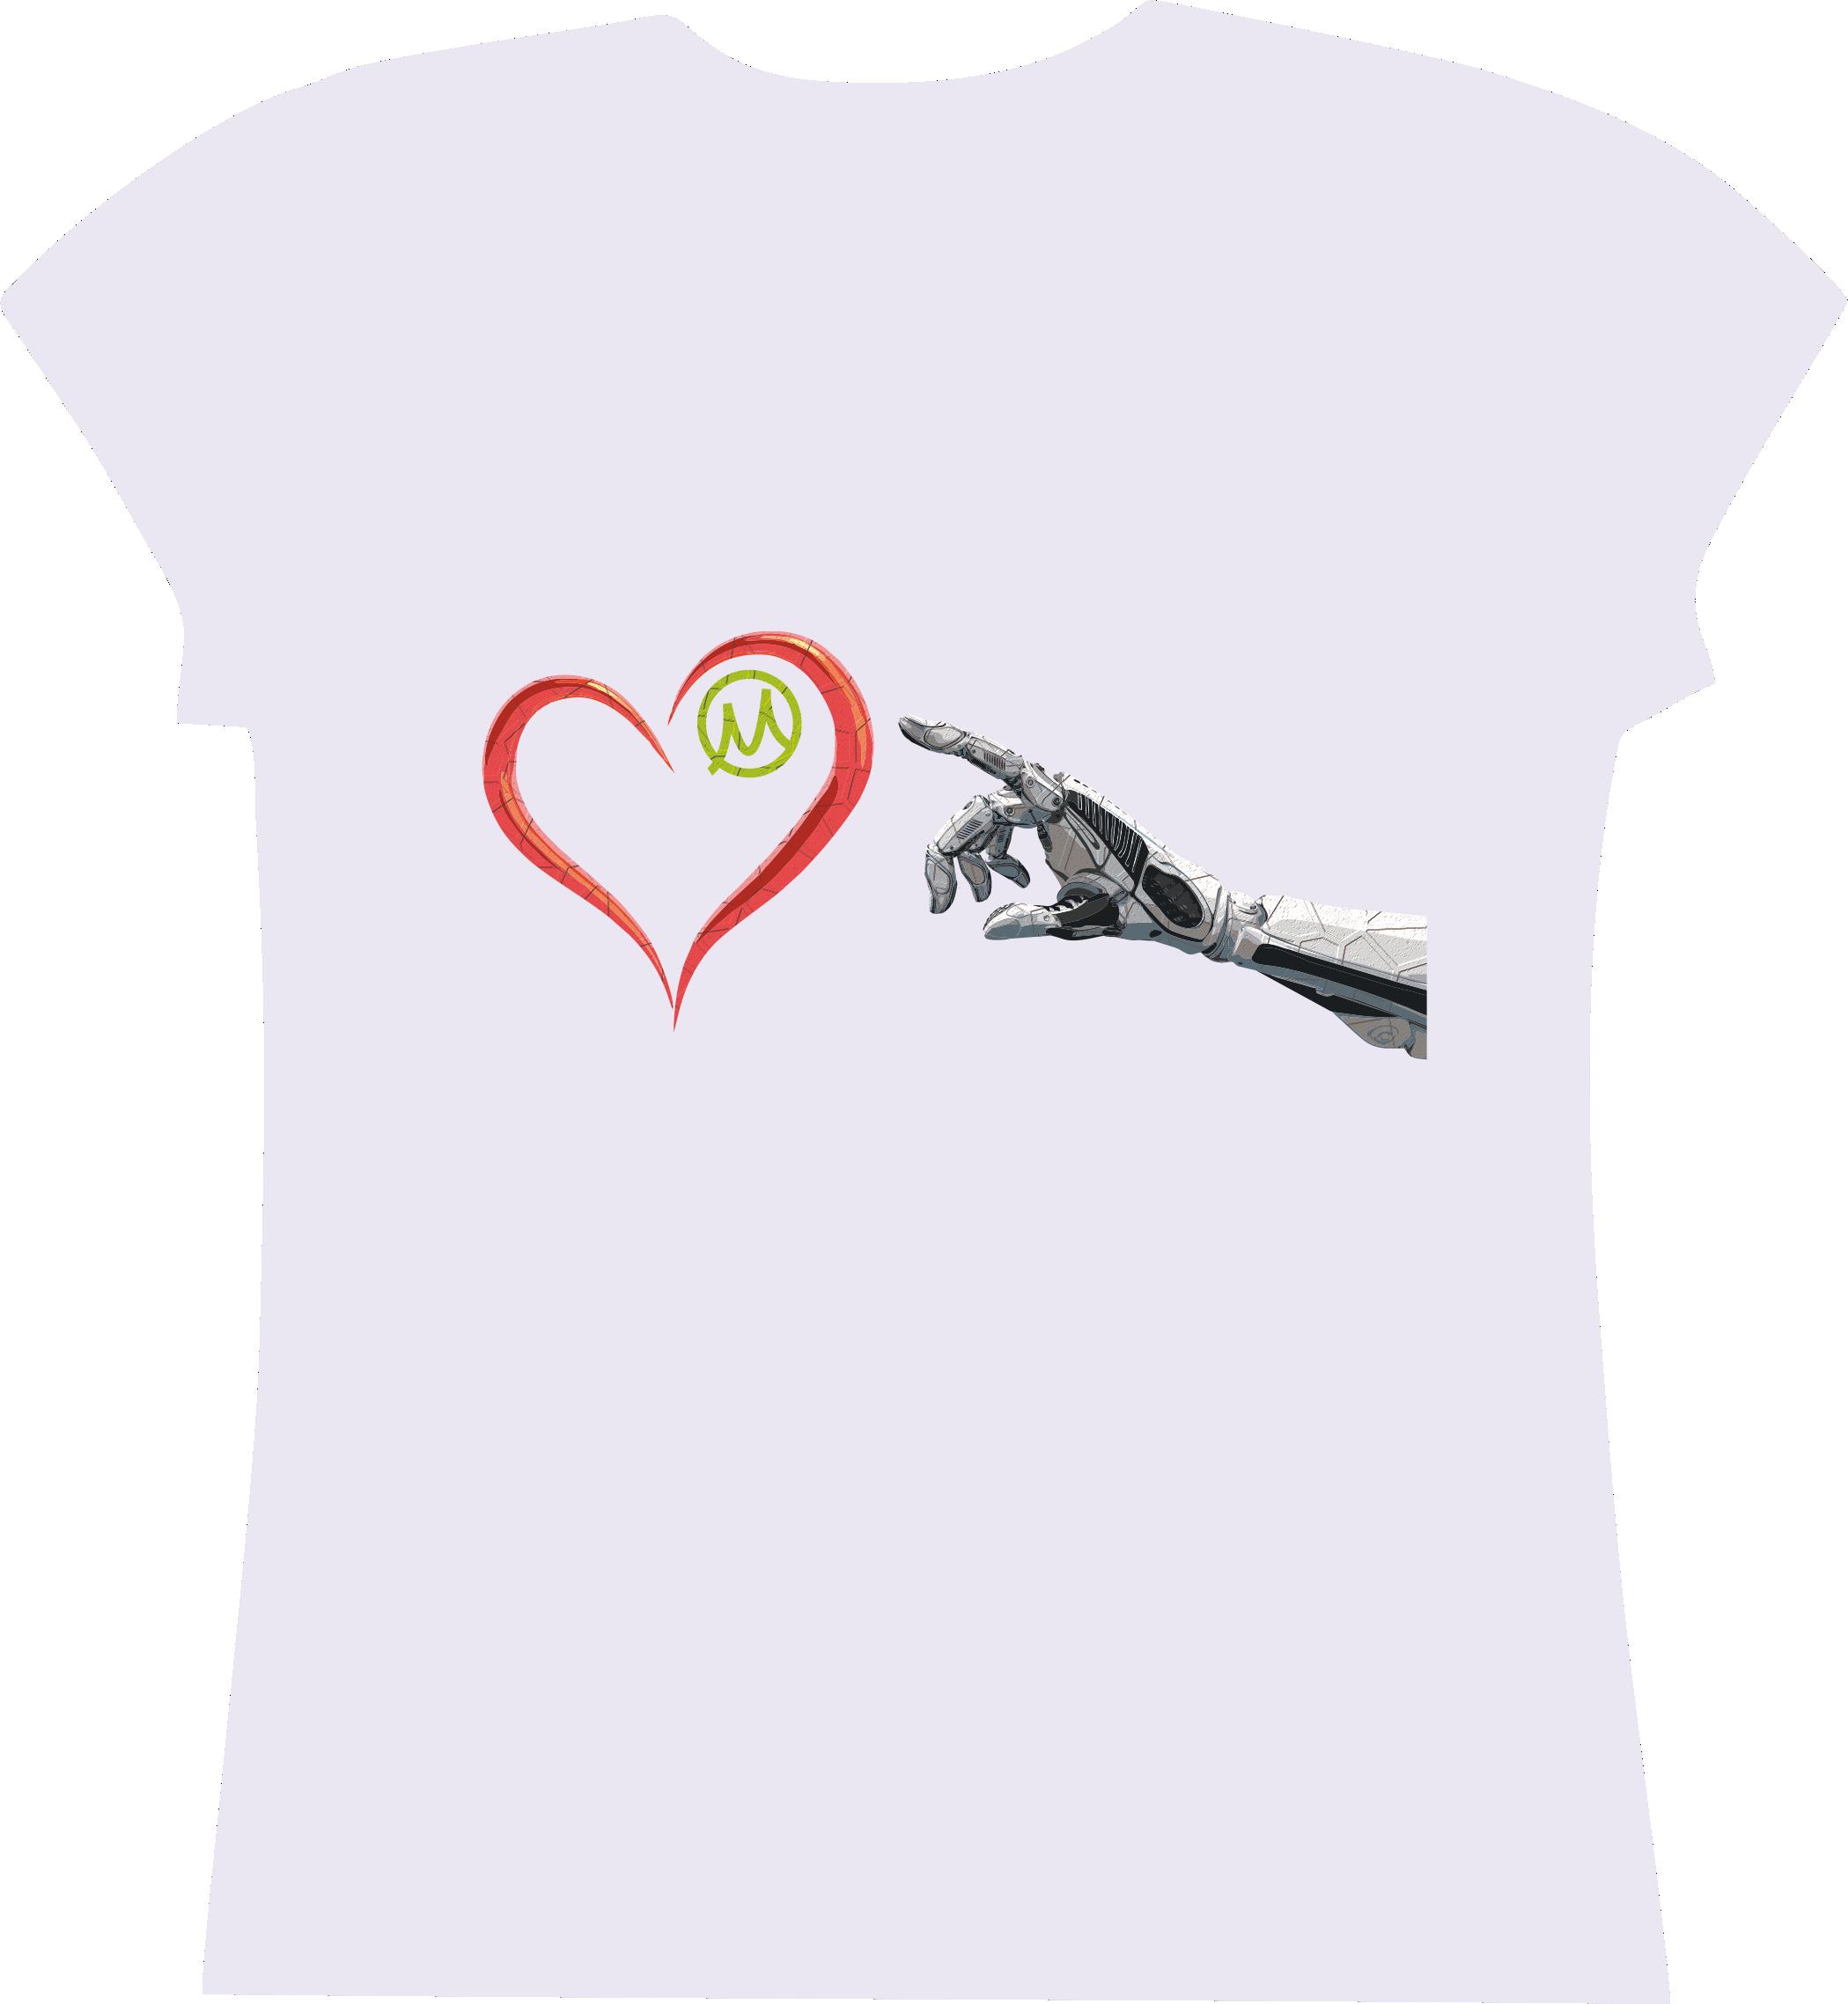 Нарисовать принты на футболки для компании Моторика фото f_556609bcb811404d.png